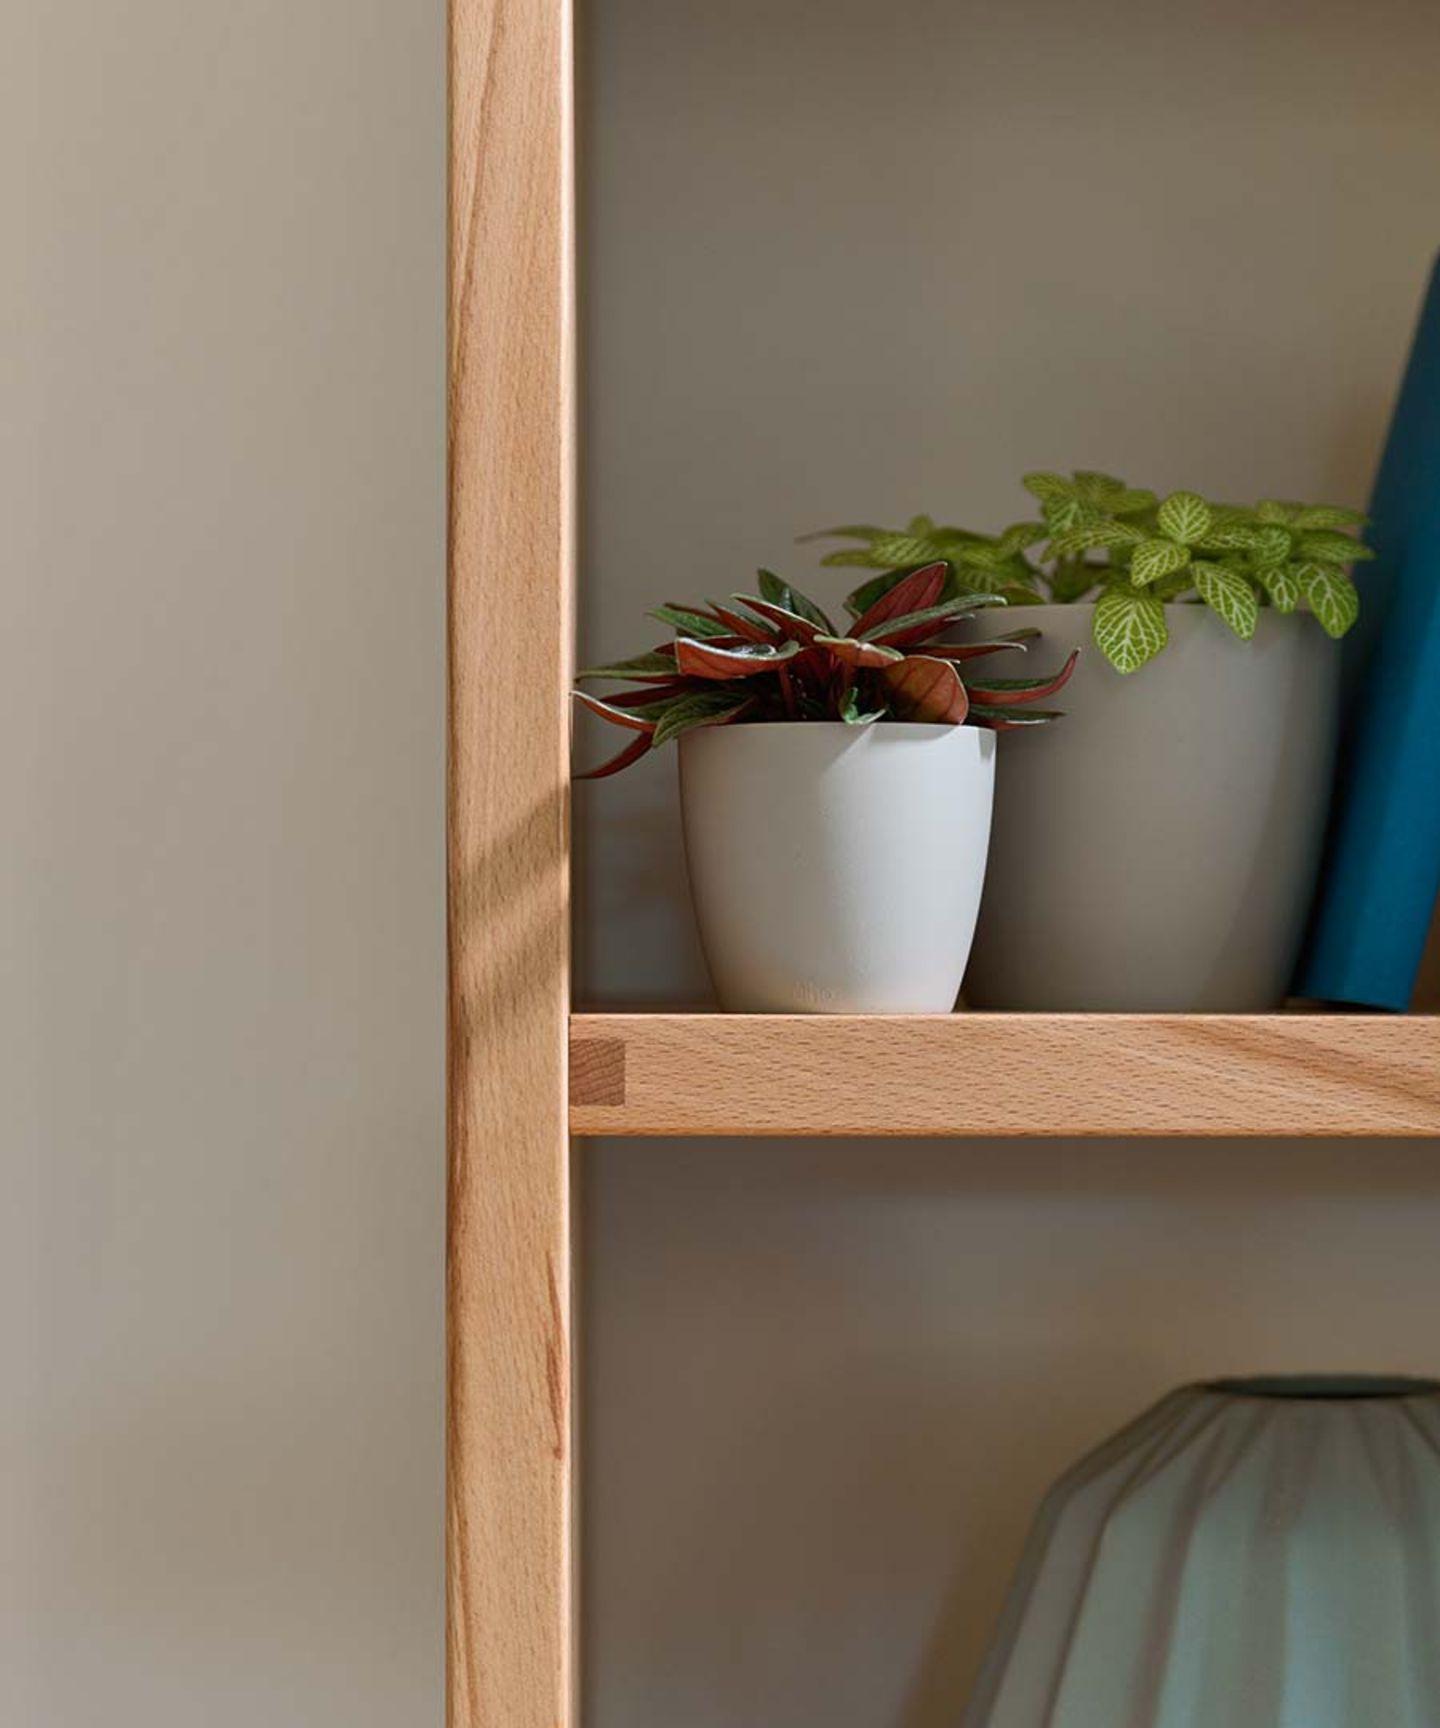 Parete attrezzata cubus in legno massello realizzata con cura artigianale